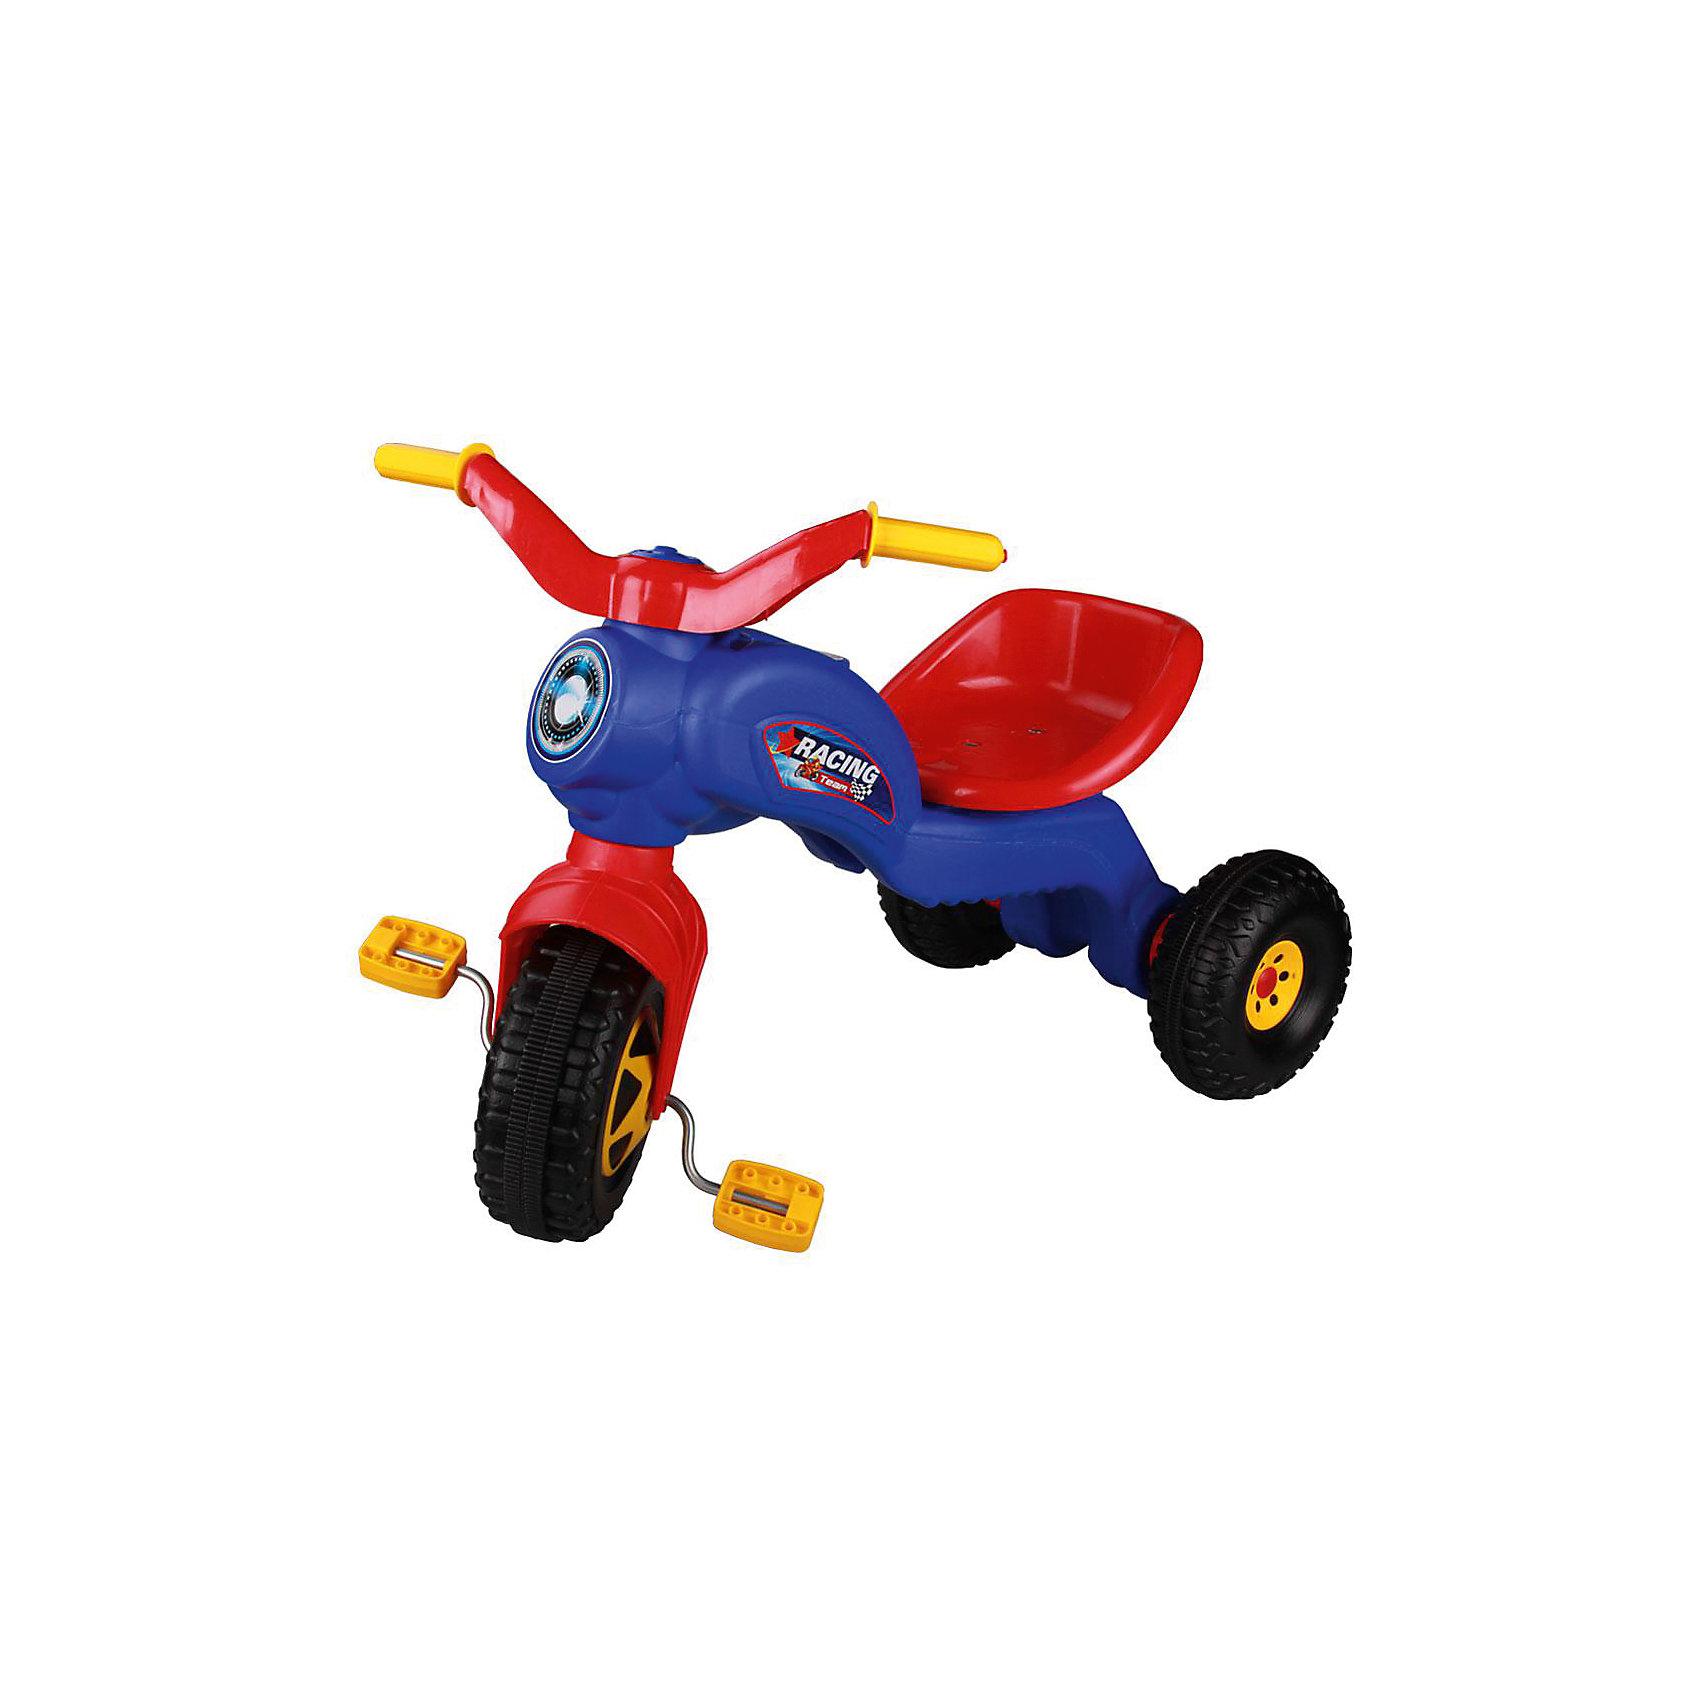 Велосипед трехколесный Чемпион ,  Alternativa, синийВелосипеды детские<br>Трехколесный велосипед Чемпион отлично подойдет в качестве первого транспорта малыша. Модель имеет удобное сидение и наклейки в виде фары. Велосипед очень компактный, его легко можно взять с собой на прогулку. Приятный дизайн понравится малышу, и он с удовольствием будет учиться кататься!<br><br>Дополнительная информация:<br>Цвет: синий<br>Размеры: 69х39,7х49,5 см<br>Материал: пластик, металл<br><br>Трехколесный велосипед Чемпион можно купить в нашем интернет-магазине.<br><br>Ширина мм: 690<br>Глубина мм: 397<br>Высота мм: 495<br>Вес г: 2044<br>Возраст от месяцев: 36<br>Возраст до месяцев: 144<br>Пол: Унисекс<br>Возраст: Детский<br>SKU: 4979681